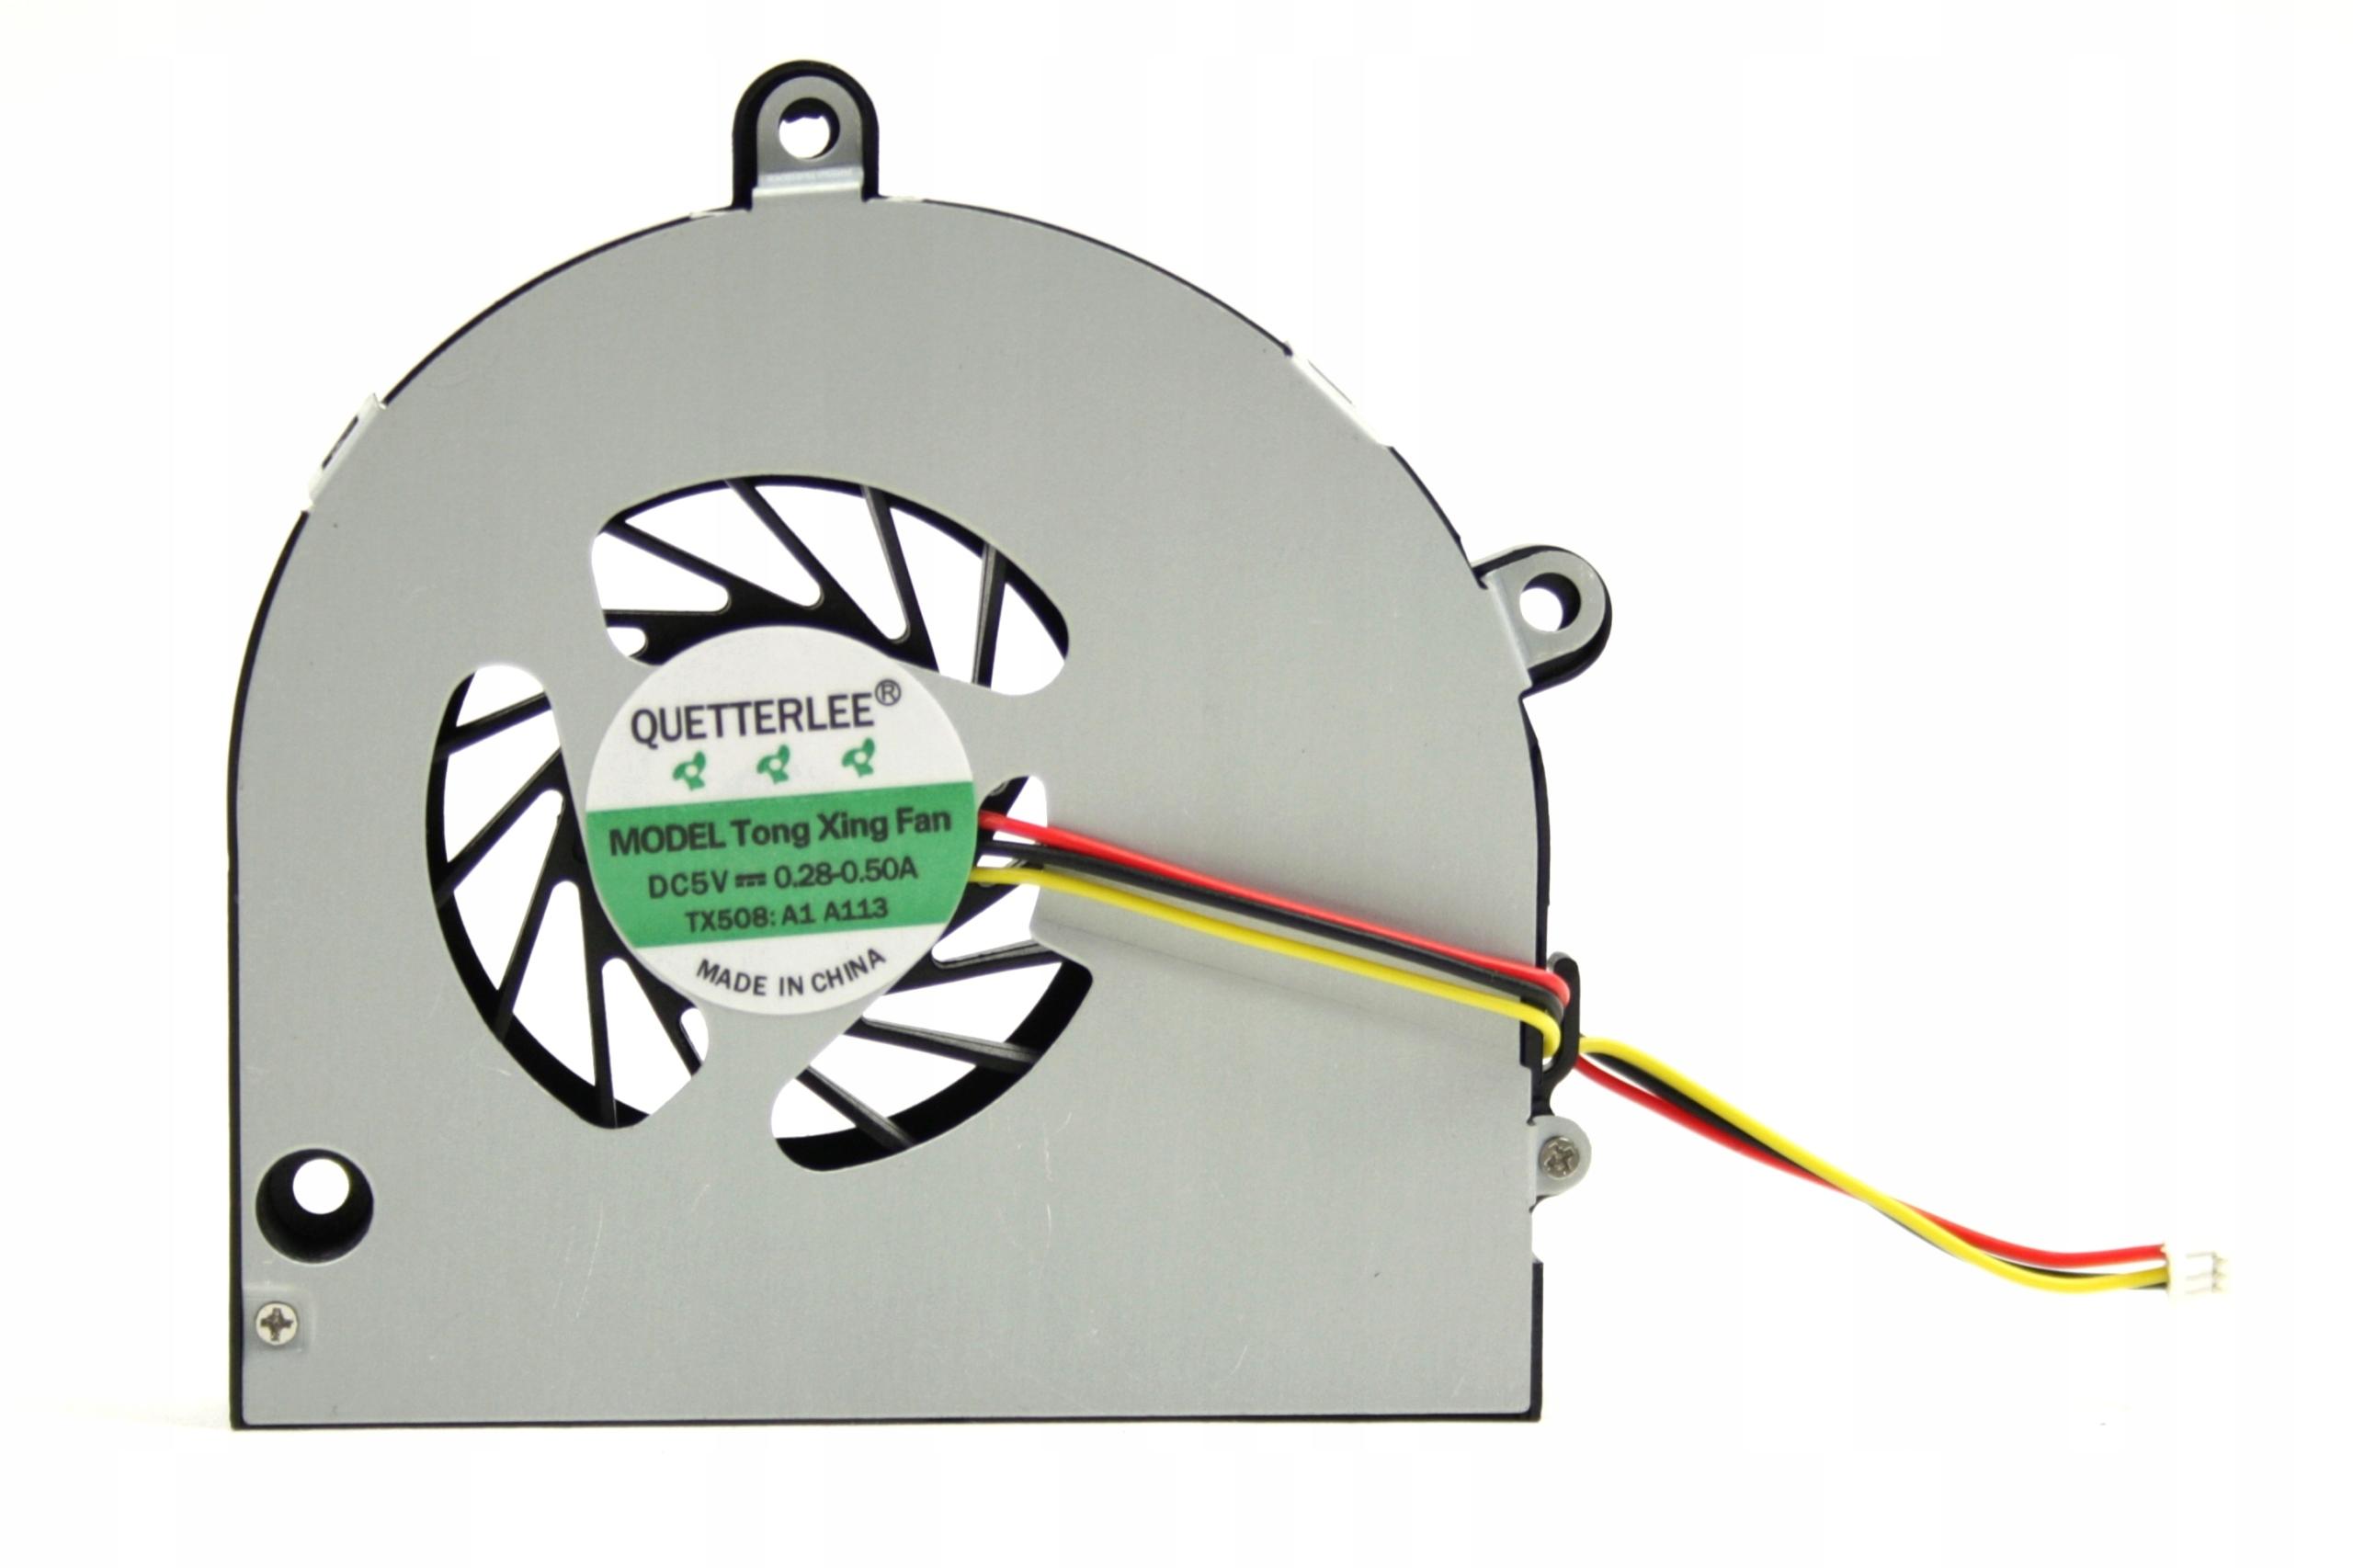 WENTYLATOR DO LAPTOPA TOSHIBA SATELLITE C660 C655 C650 L670 L675 P750 A660 CHŁODZENIE - Wentylatory i radiatory